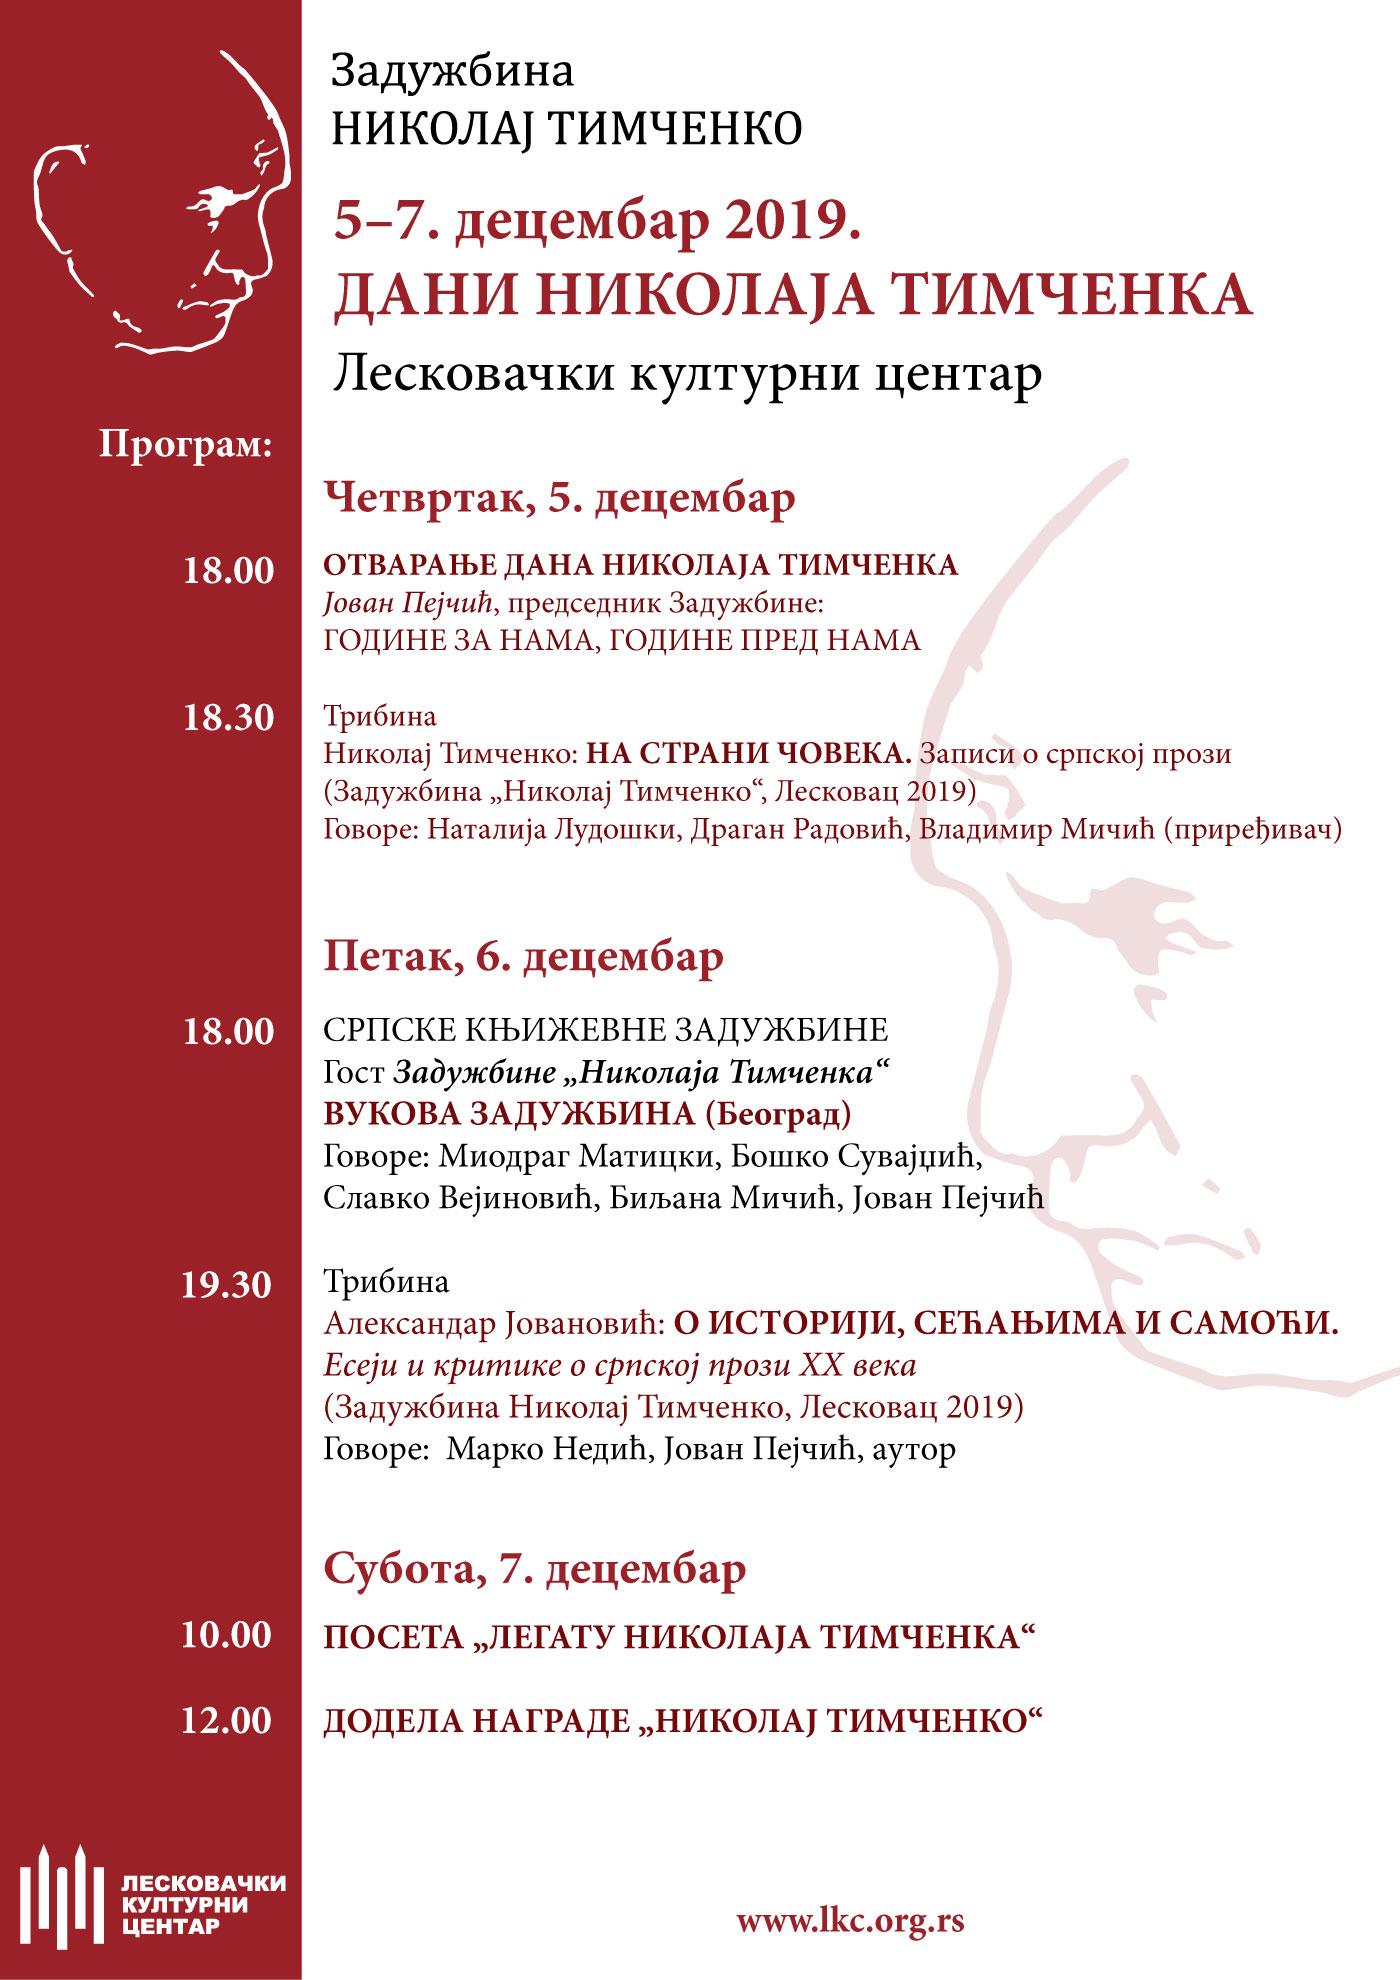 Timcenko-Poster-2019-ispravka-01